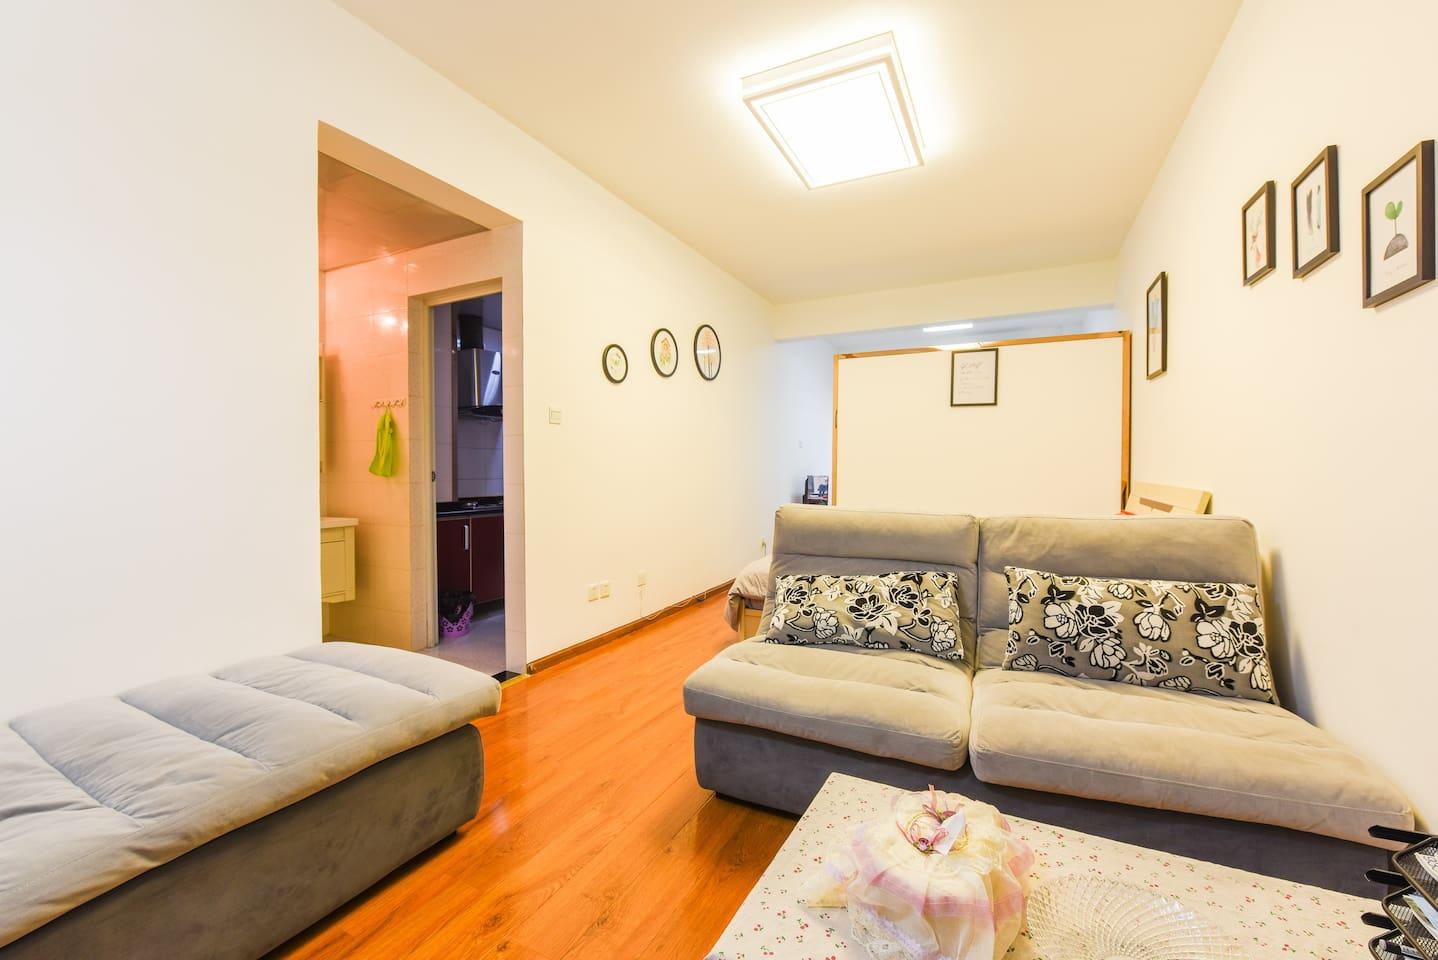 屋子整体布局,隔断后还有个大床